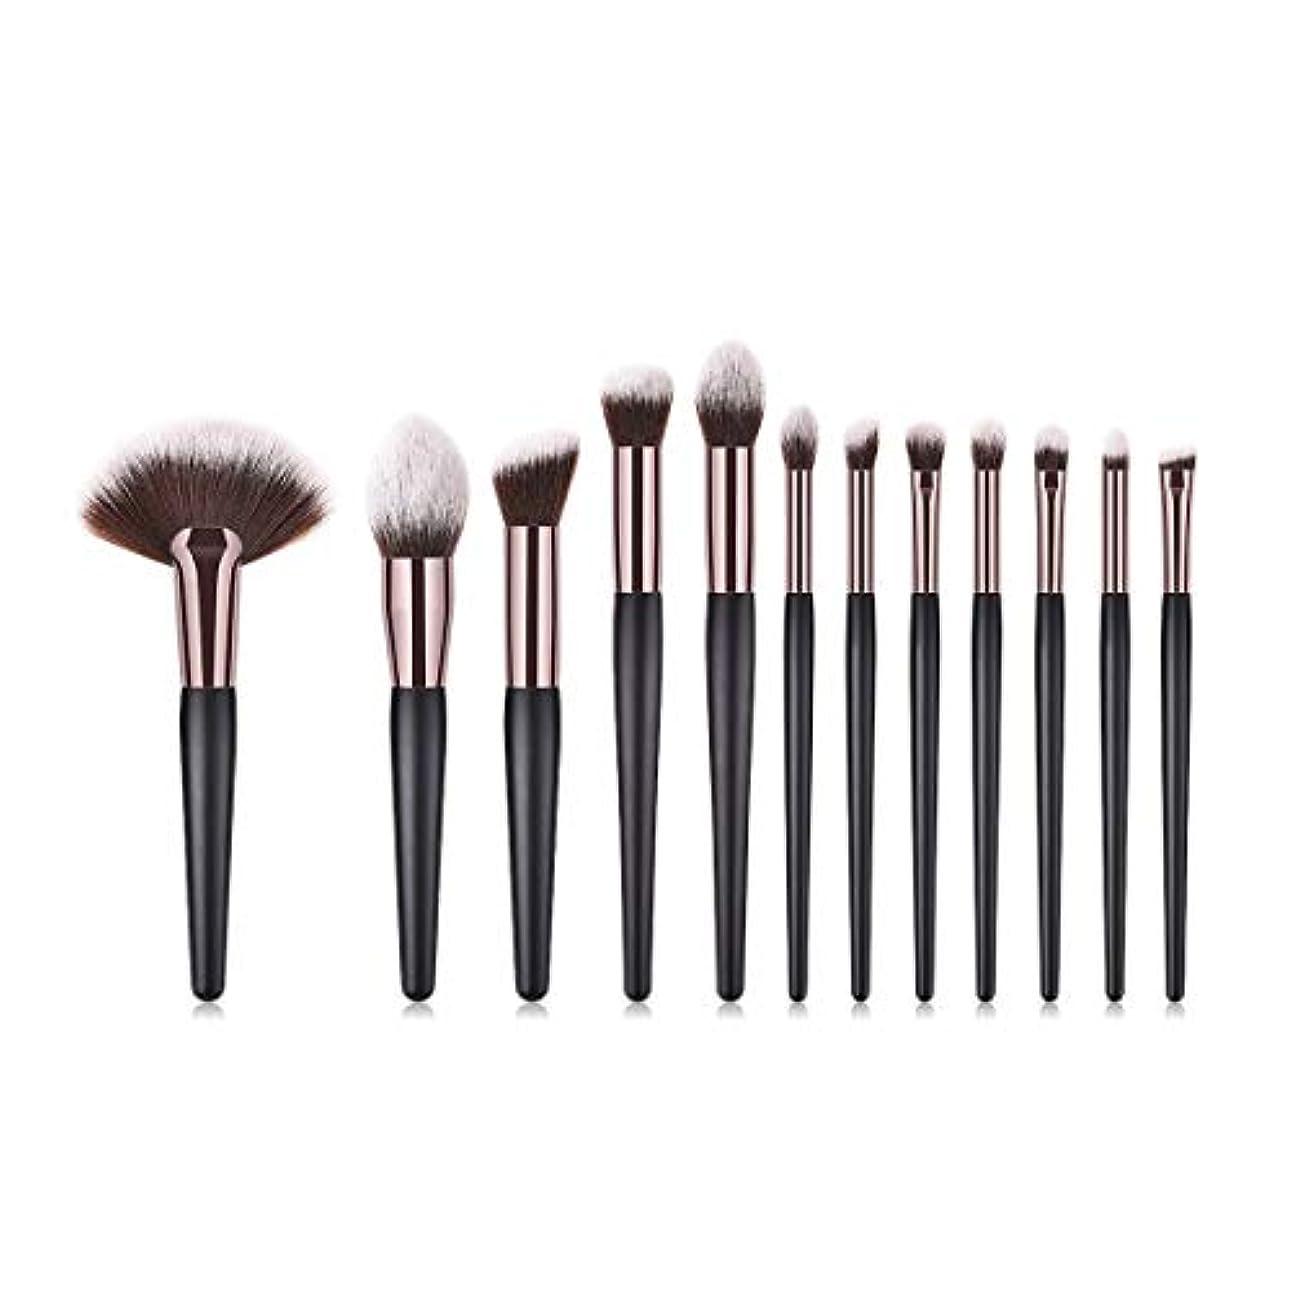 Makeup brushes 12化粧ブラシファンデーションブラシパウダーピンクブラッシュブラシアイシャドウブラシハイスクールグロスシルエットブラシセットブラシホワイト suits (Color : Black Gold)